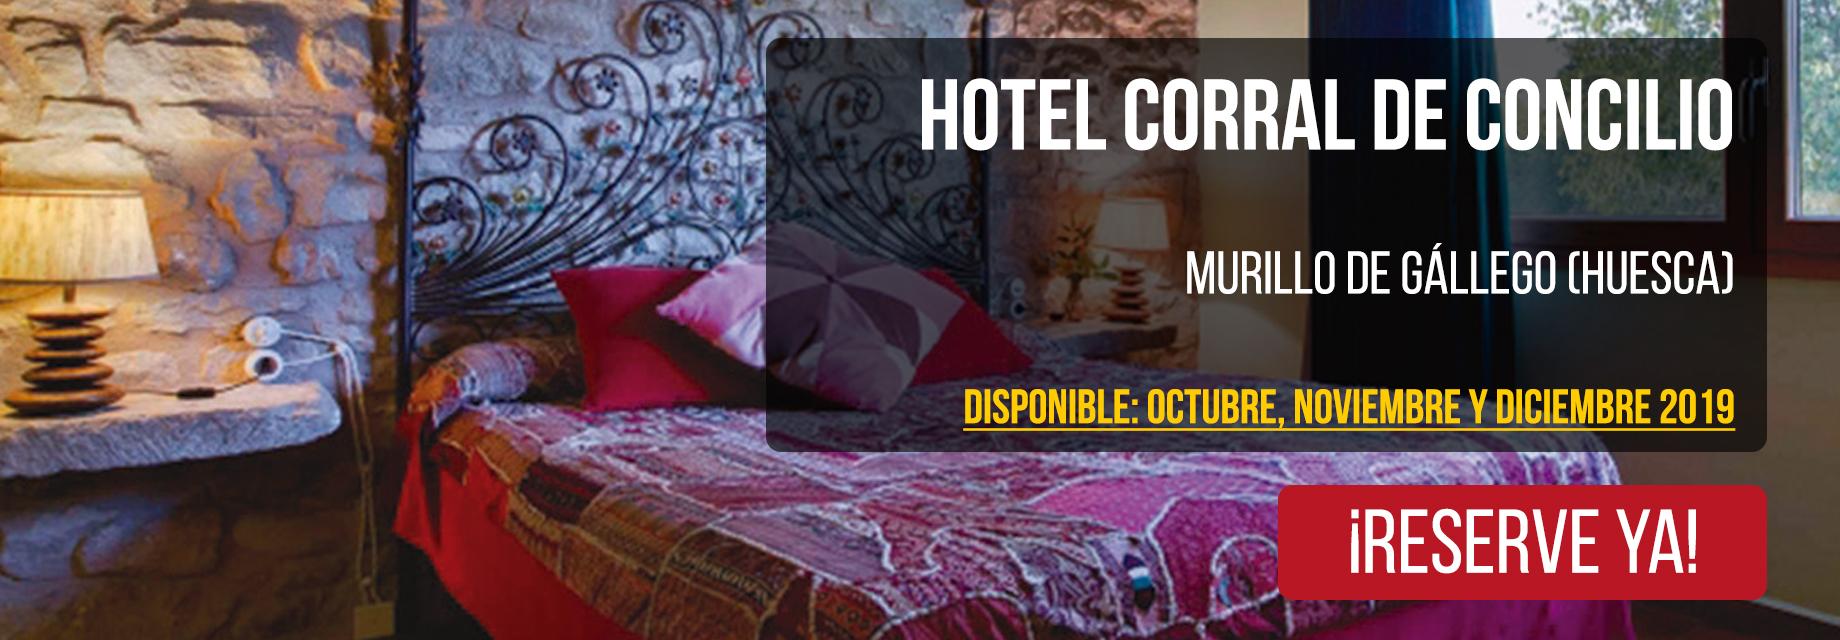 Hotel Corral de Concilio